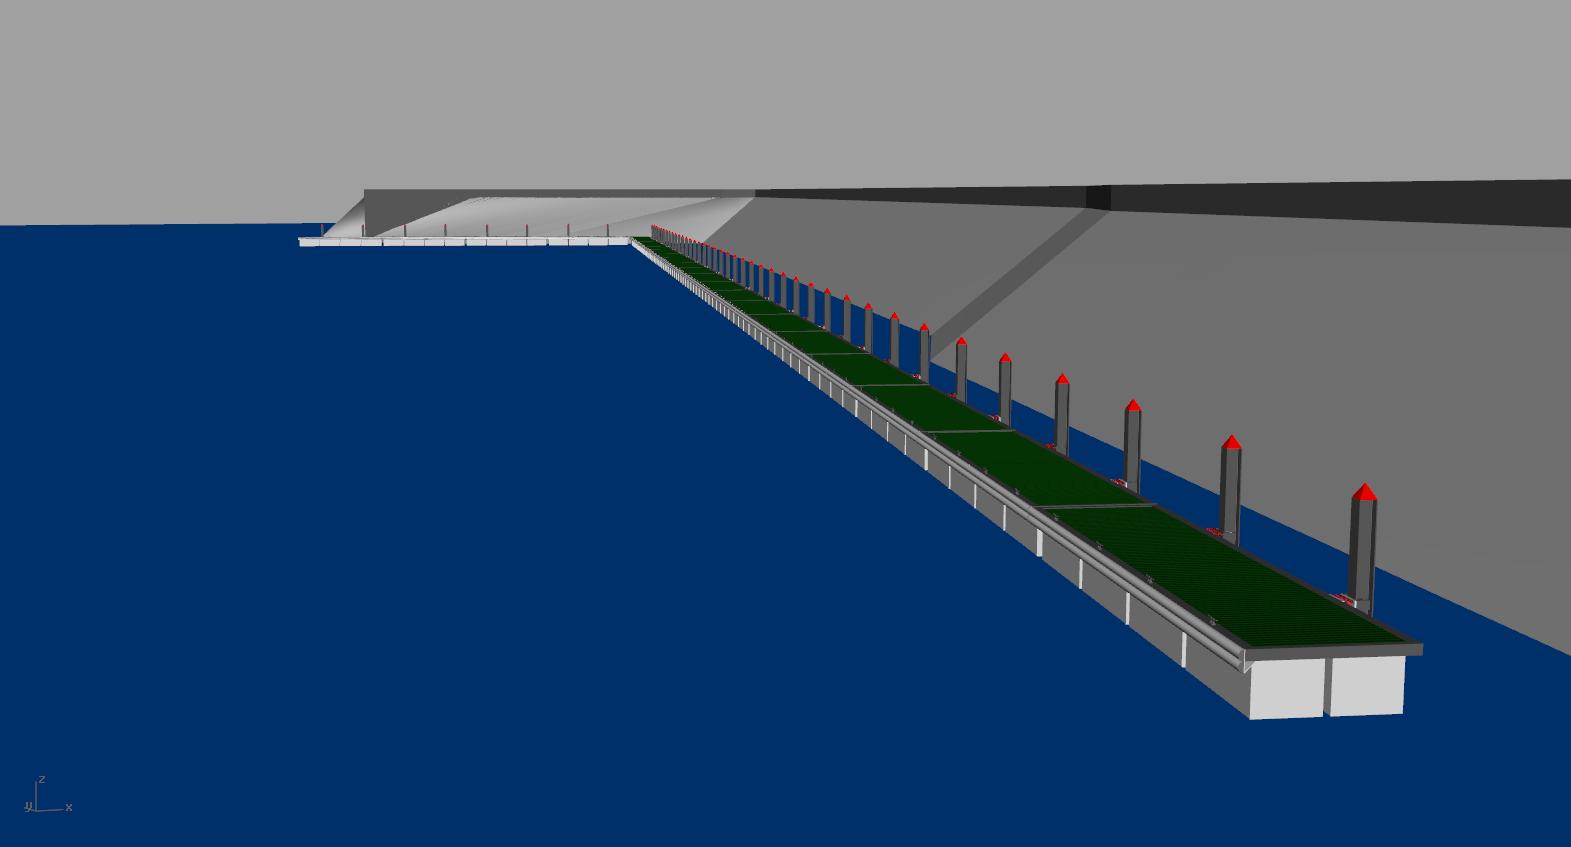 Embarcadero-Flotante-Elevadore-de-Barcos-Plataforma-Modulos-Pontonas-Puertos (10